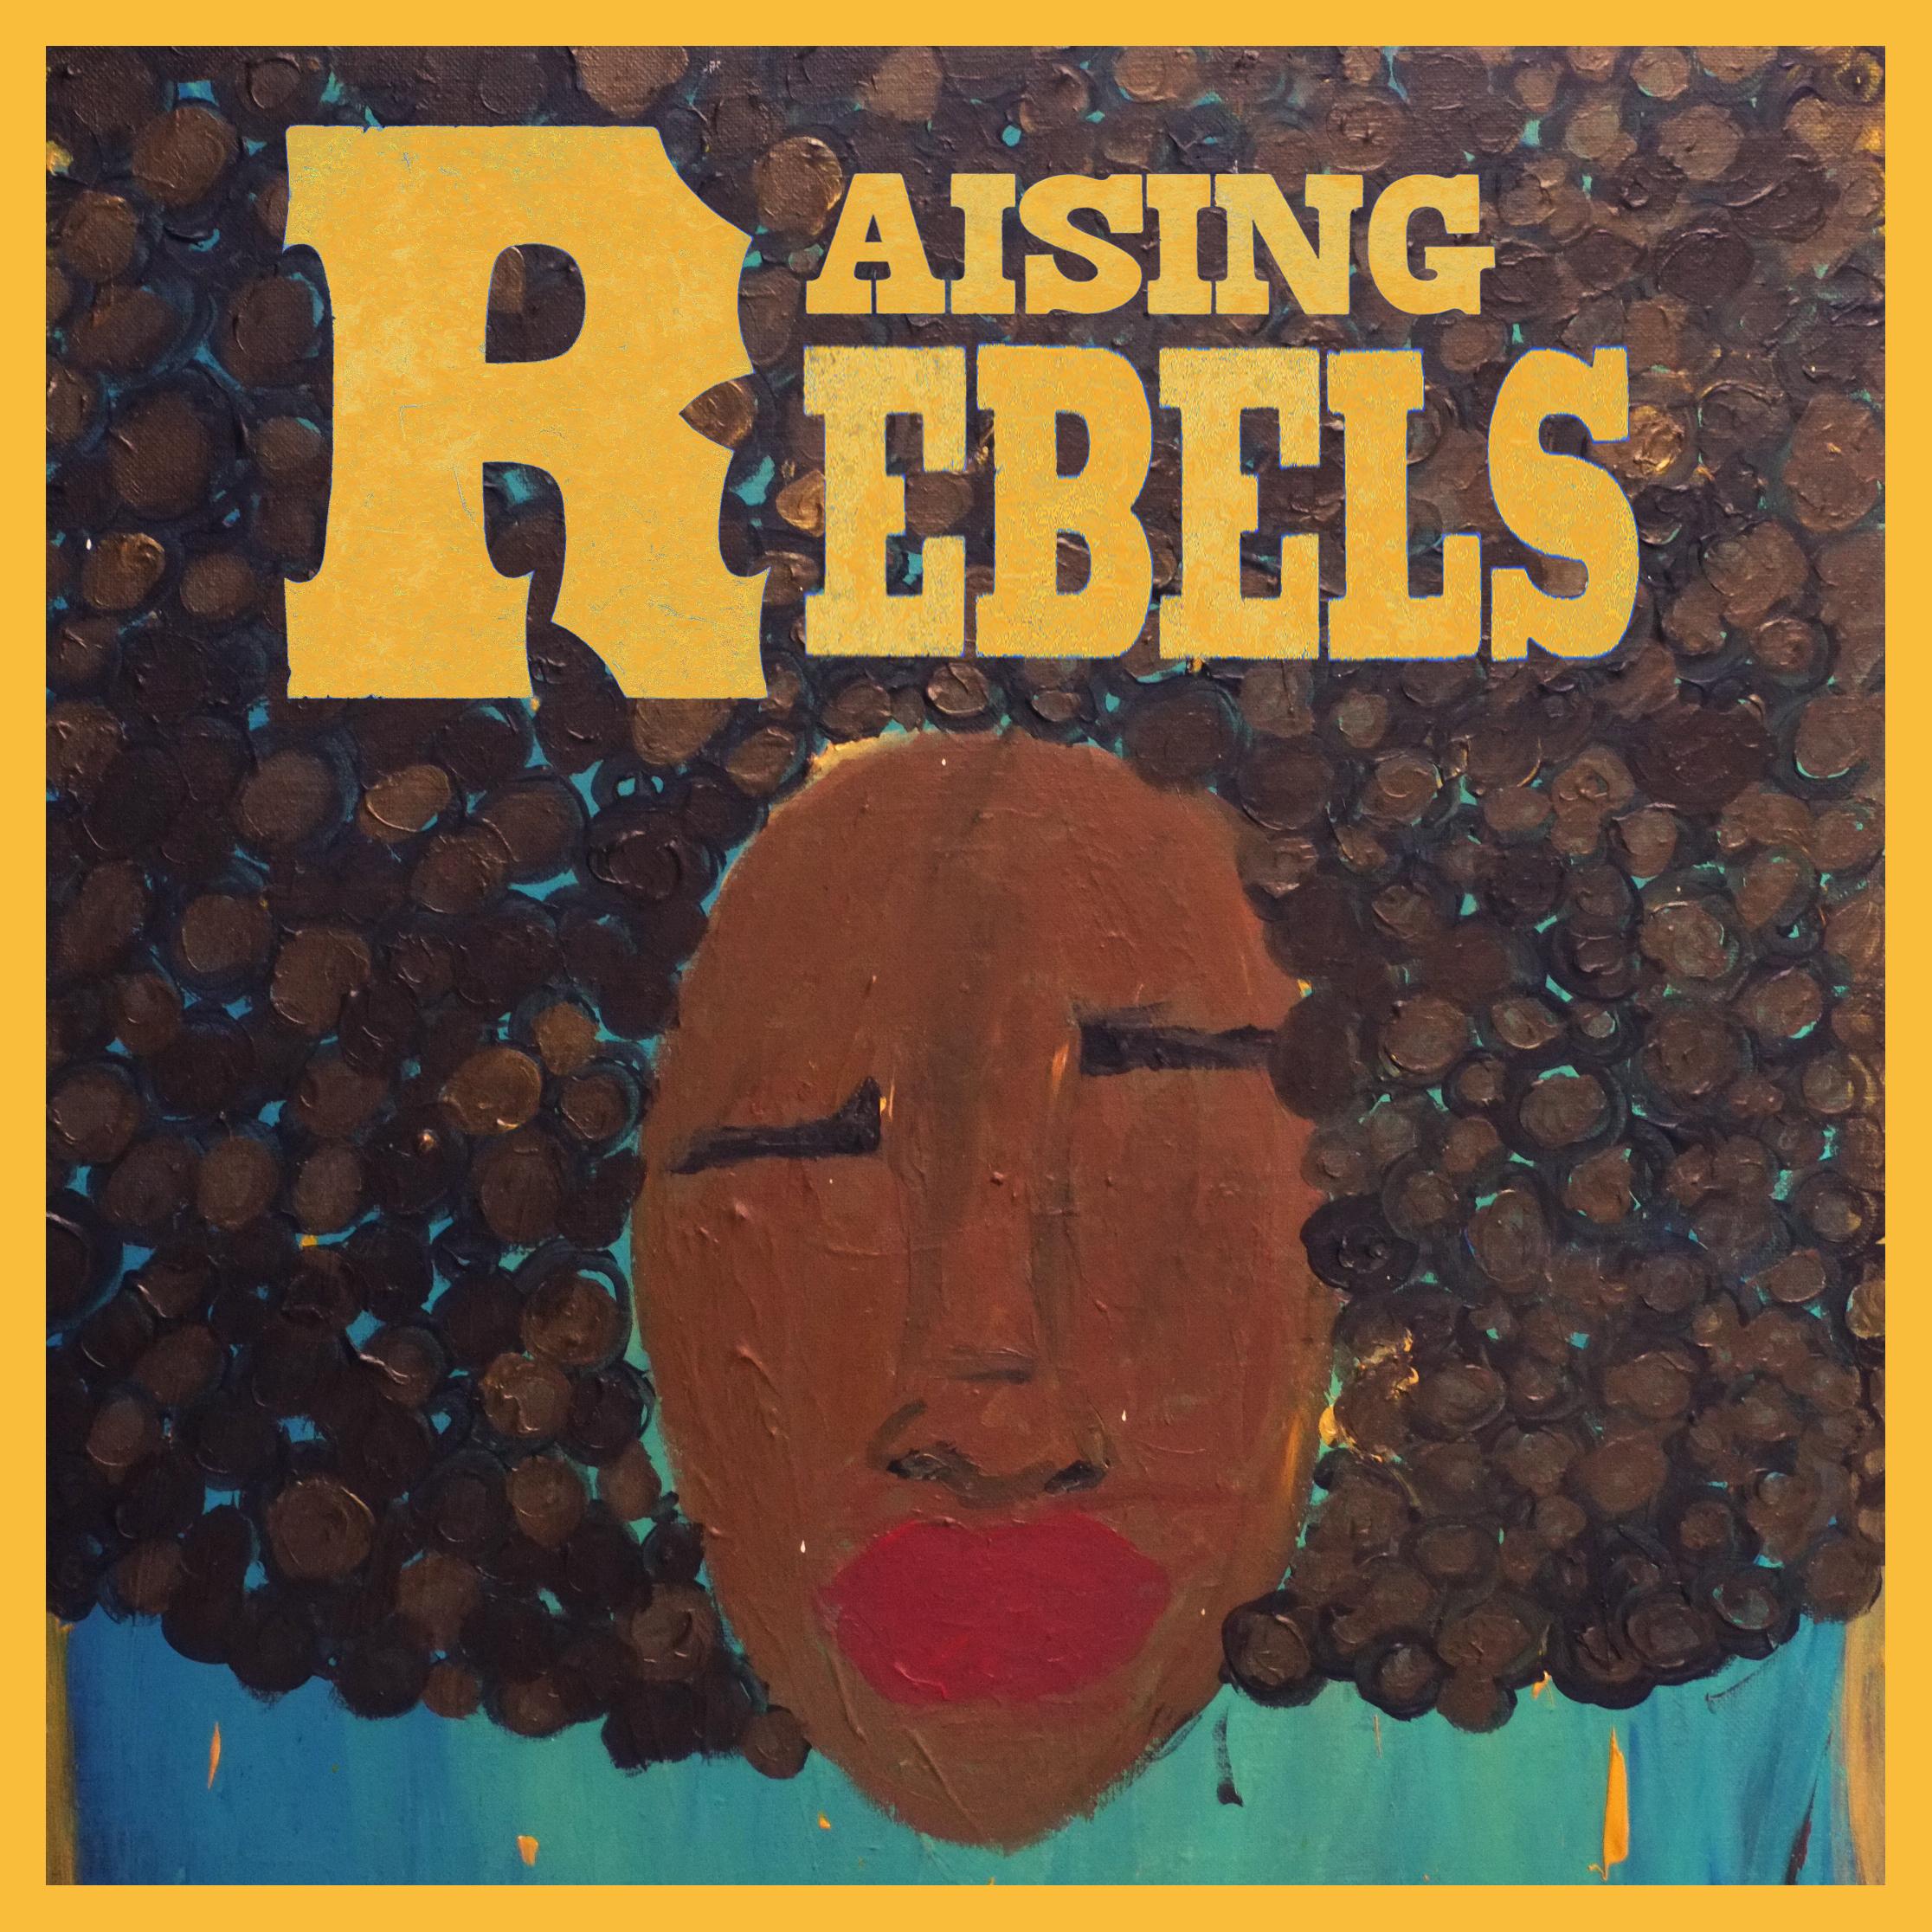 RaisingRebels_Yellow.jpg